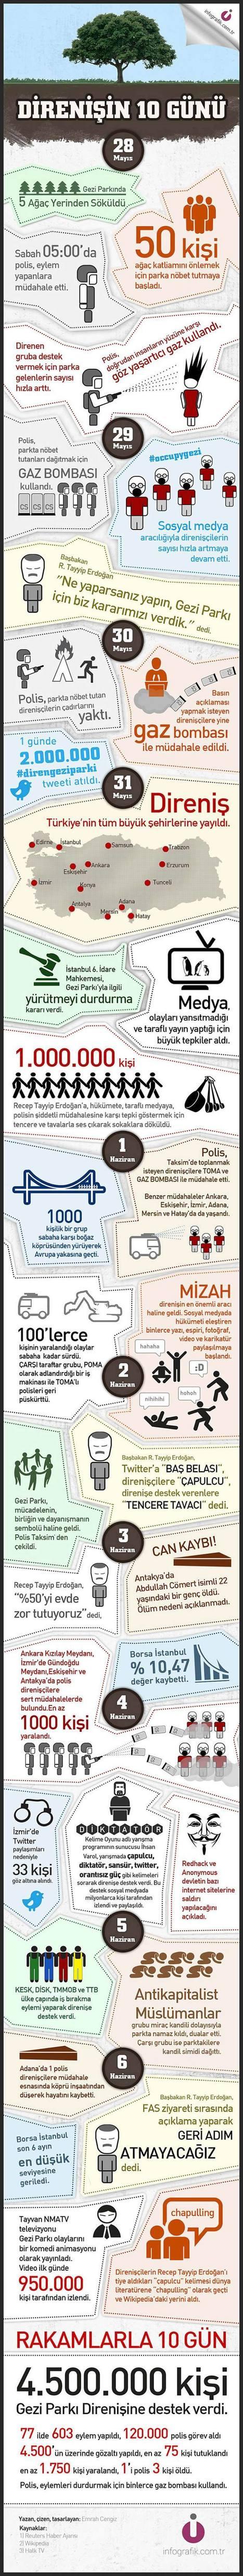 Gezi Parkı Direnişinin ilk 10 Günü | Ankara Fenomenleri | Scoop.it